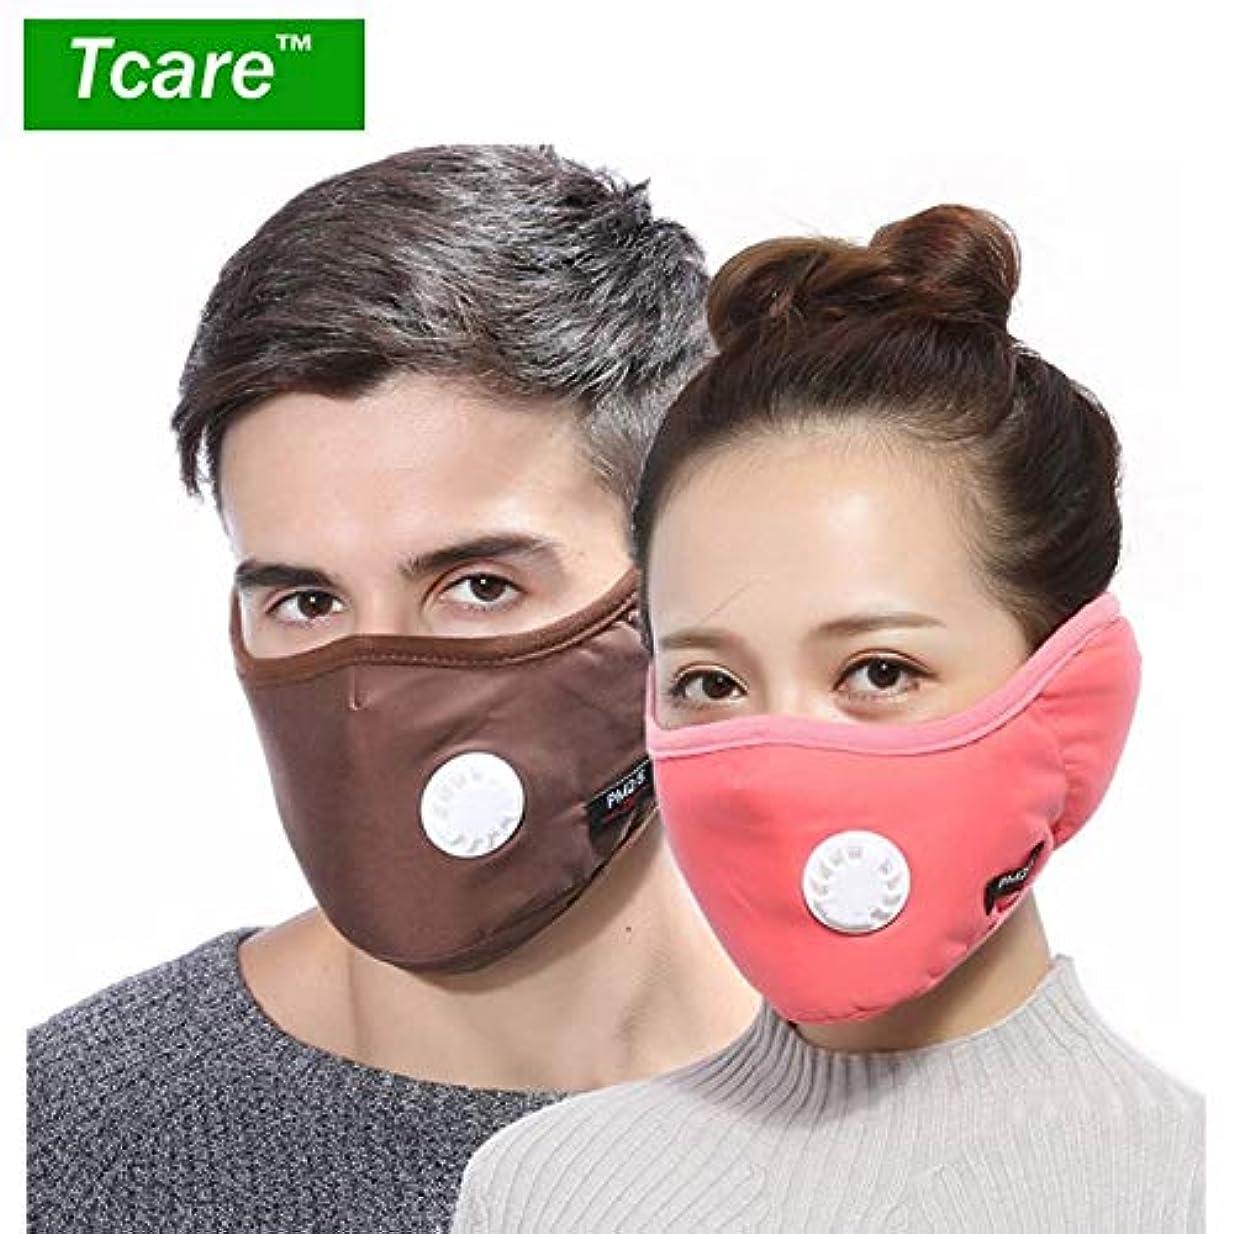 宿ウイルス講堂3ダーク:1 PM2.5マスクバルブコットンアンチダスト口マスクの冬のイヤーマフActtedフィルター付マスクでTcare 2